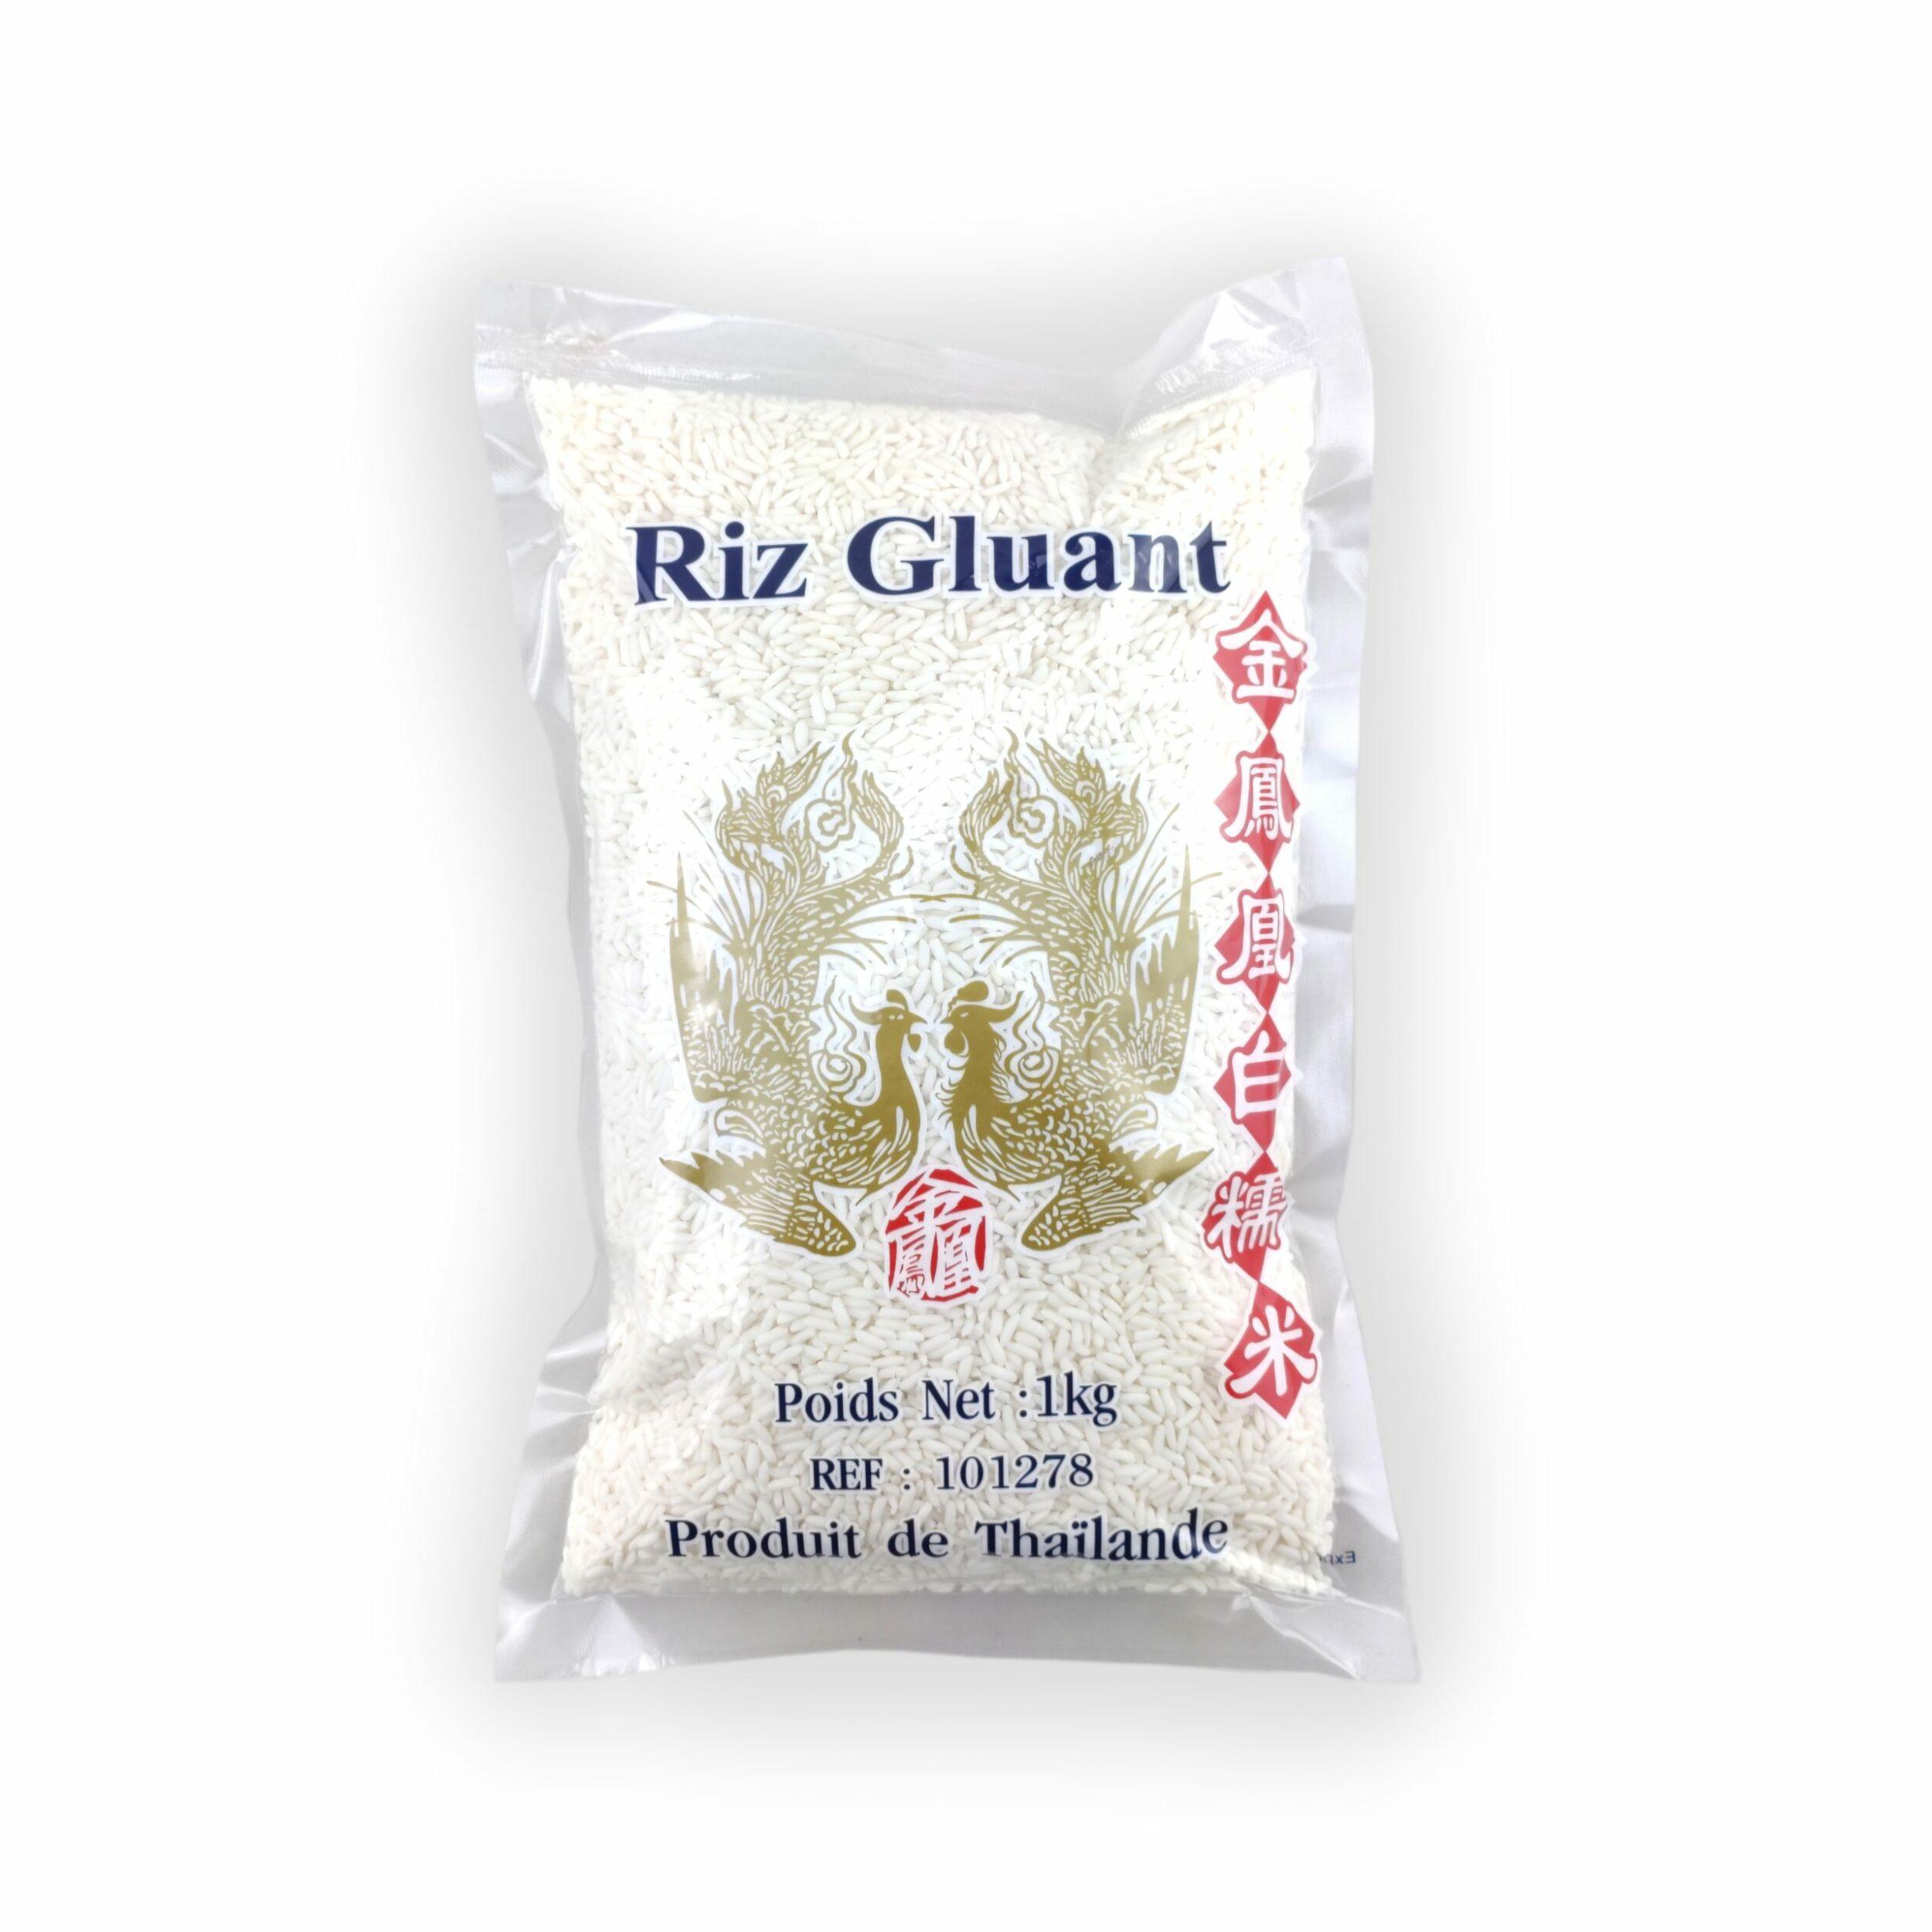 riz-gluant-thailande-1kg-site-web-moushenco